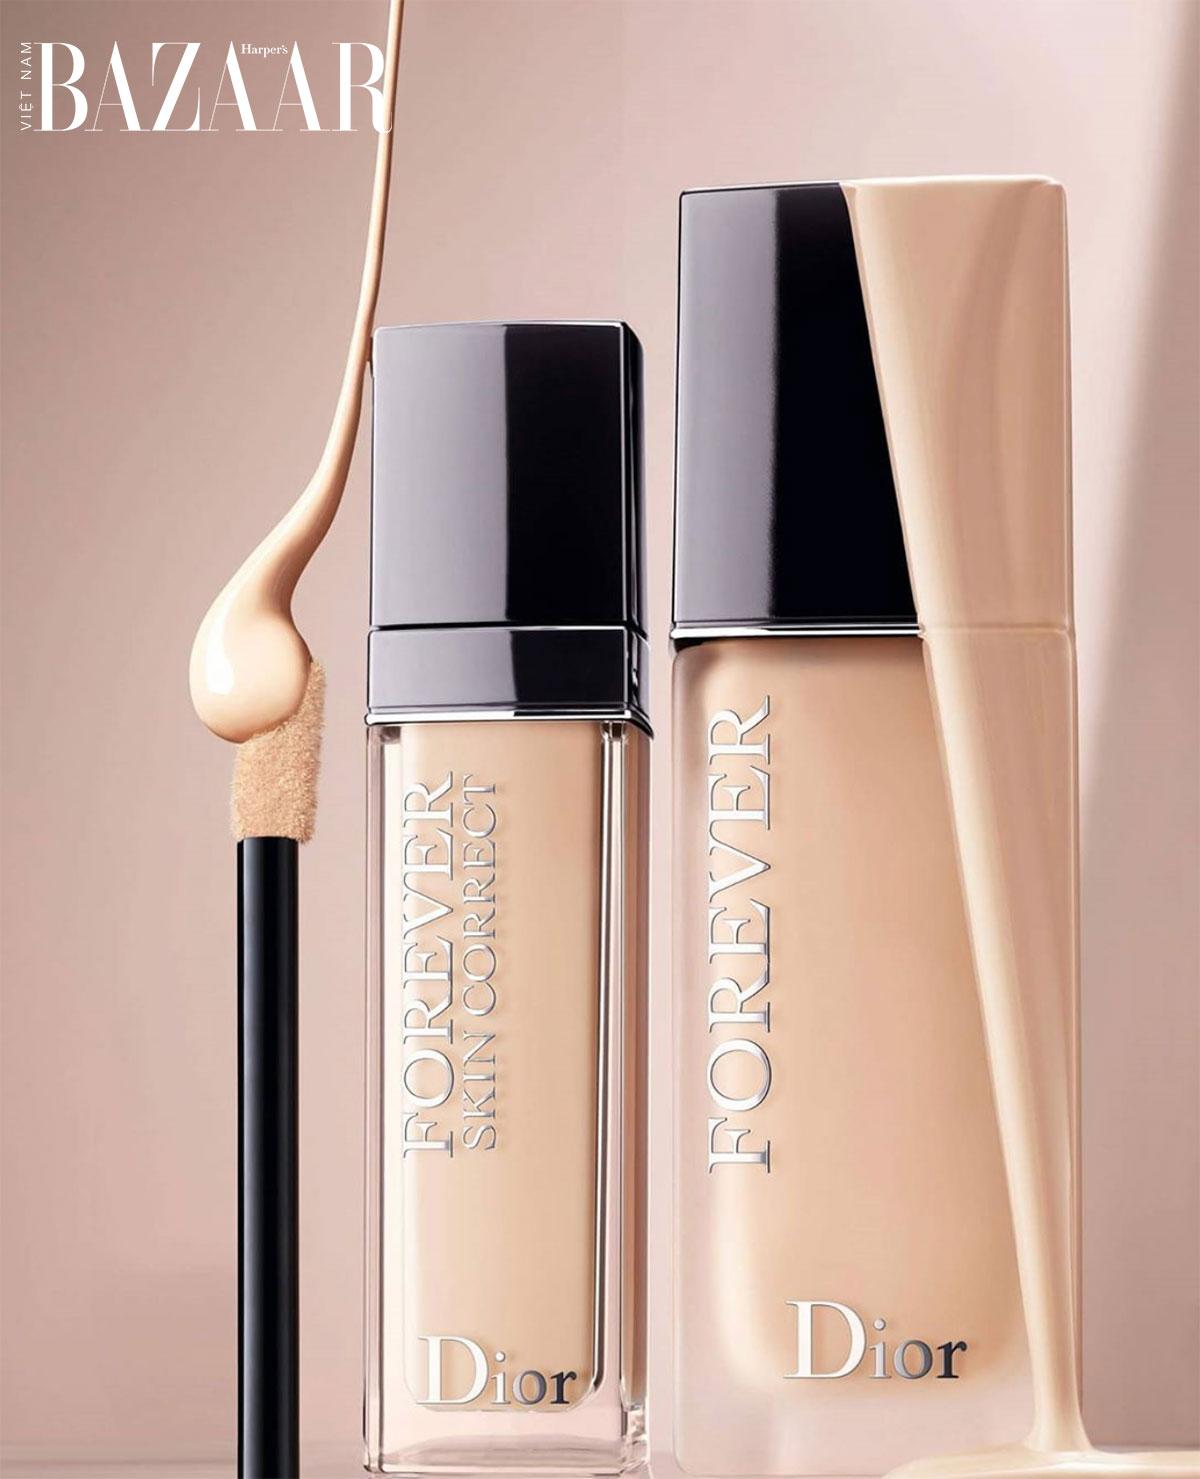 Dior ra mắt kem che khuyết điểm Forever Skin Correct có khả năng dưỡng da 3